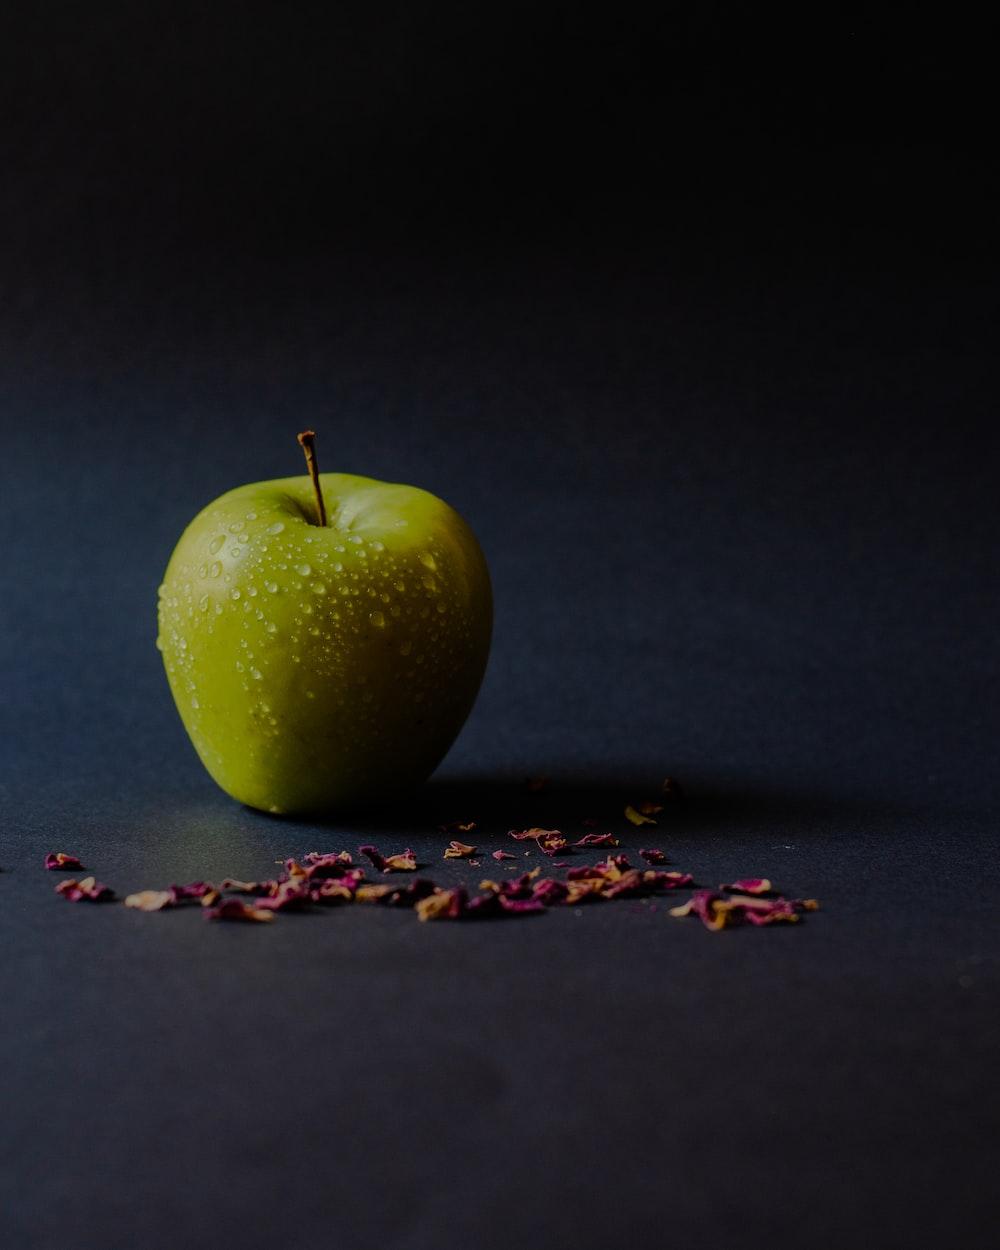 green apple fruit